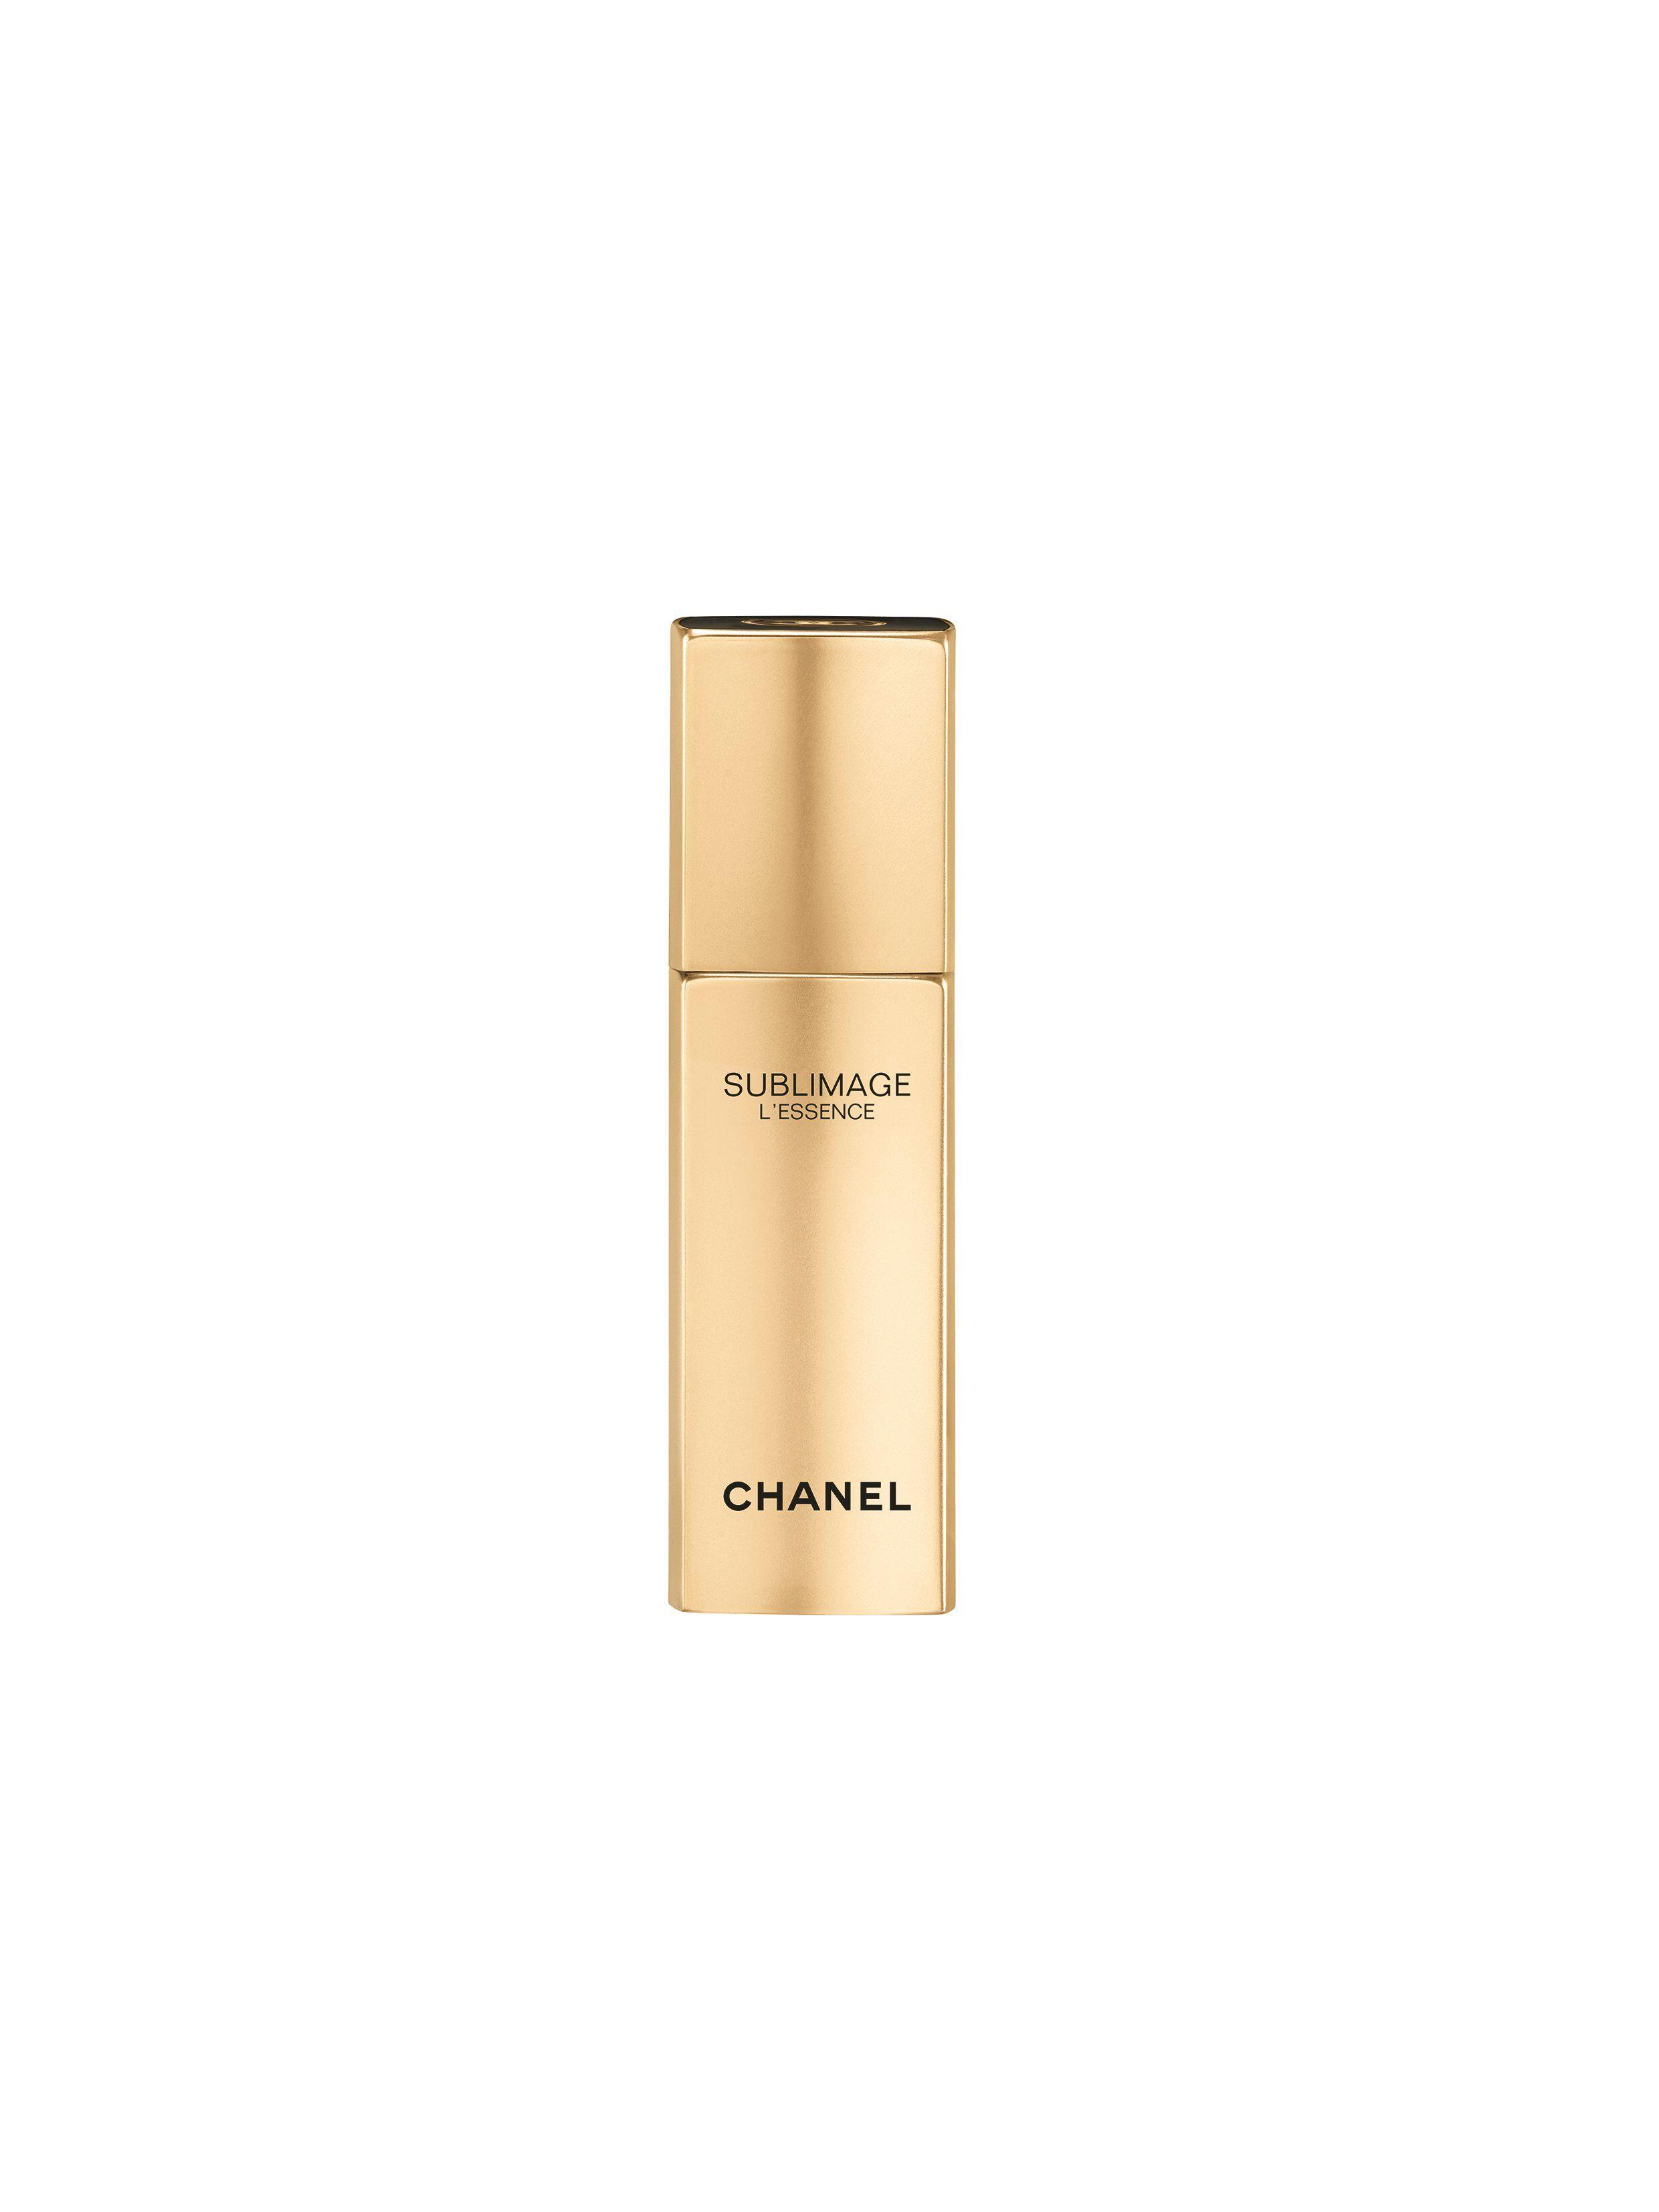 Chanel_sublimage_lessance.jpeg